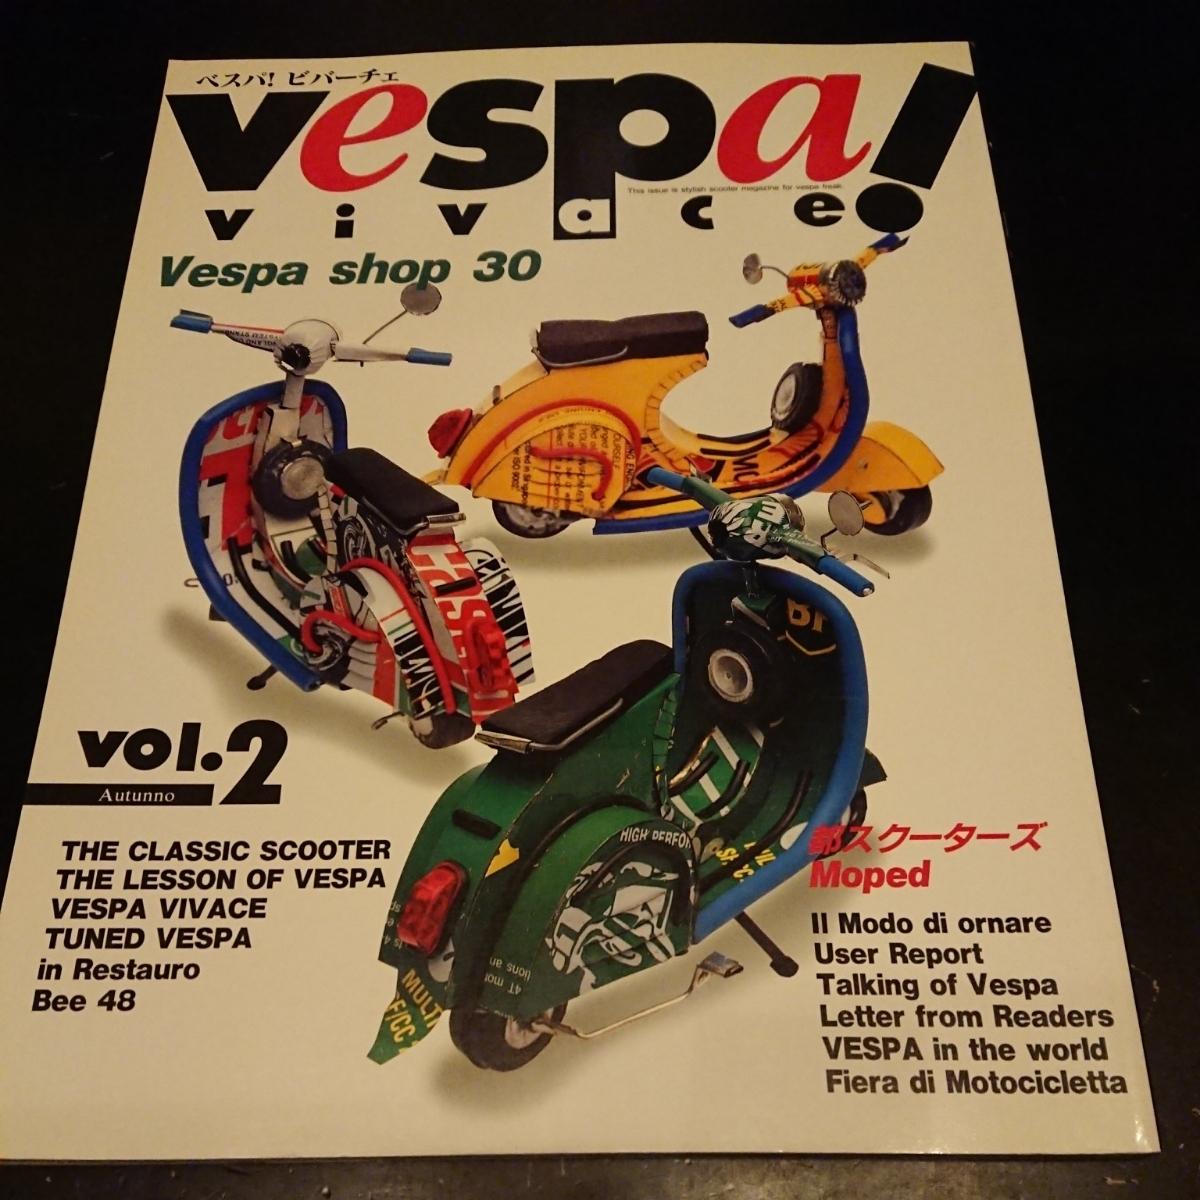 ベスパ!ビバーチェ vespa!vivace vol.2_画像1